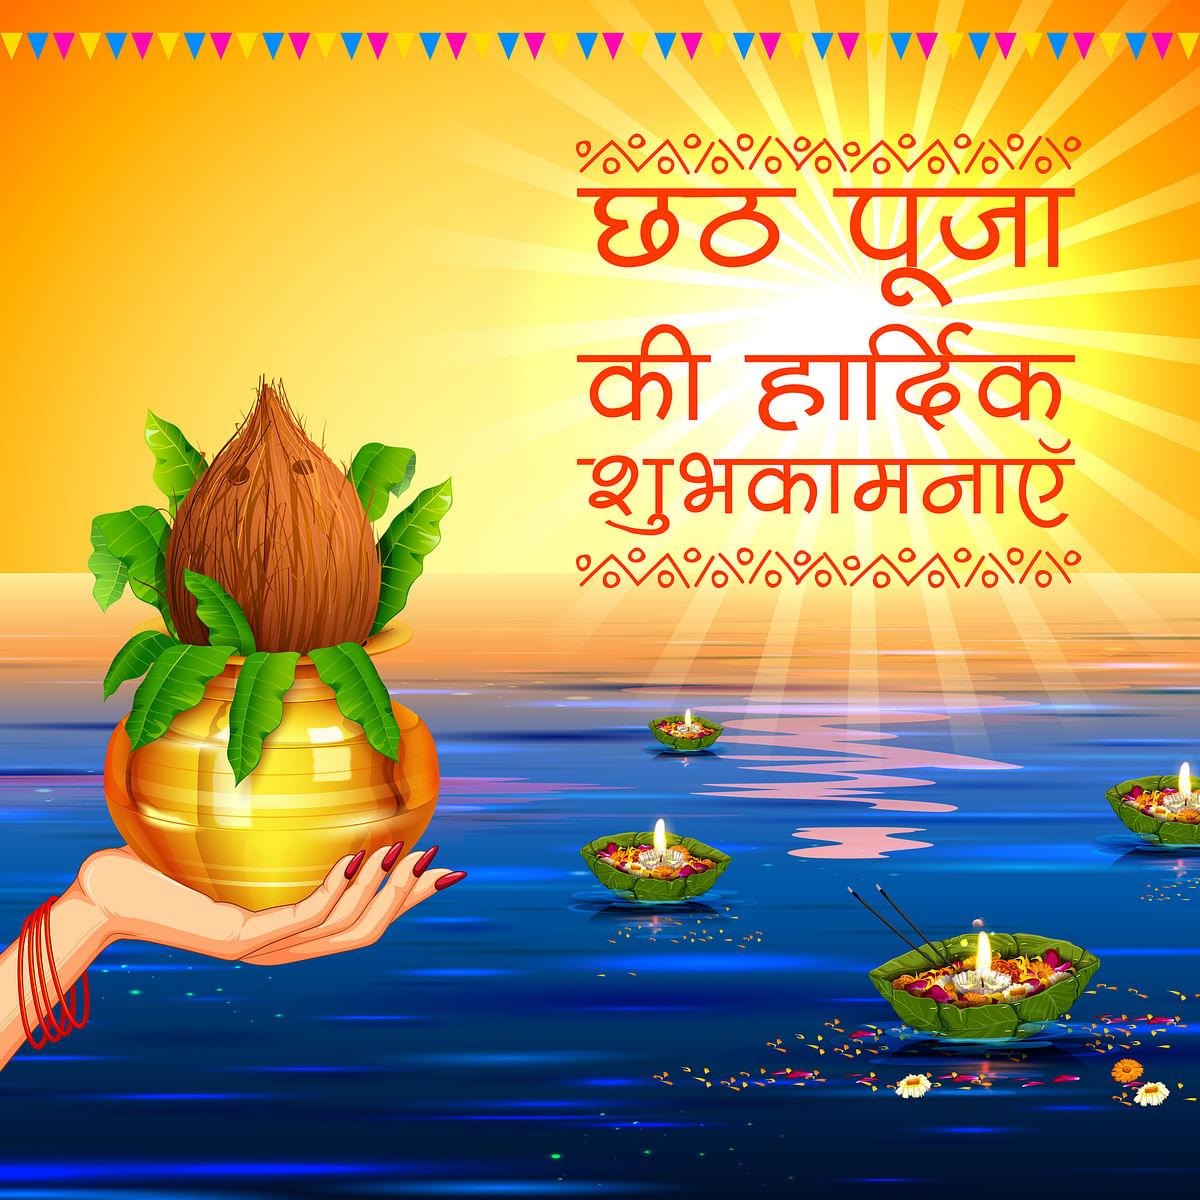 Happy Chhath Puja 2019 Wishes in Hindi